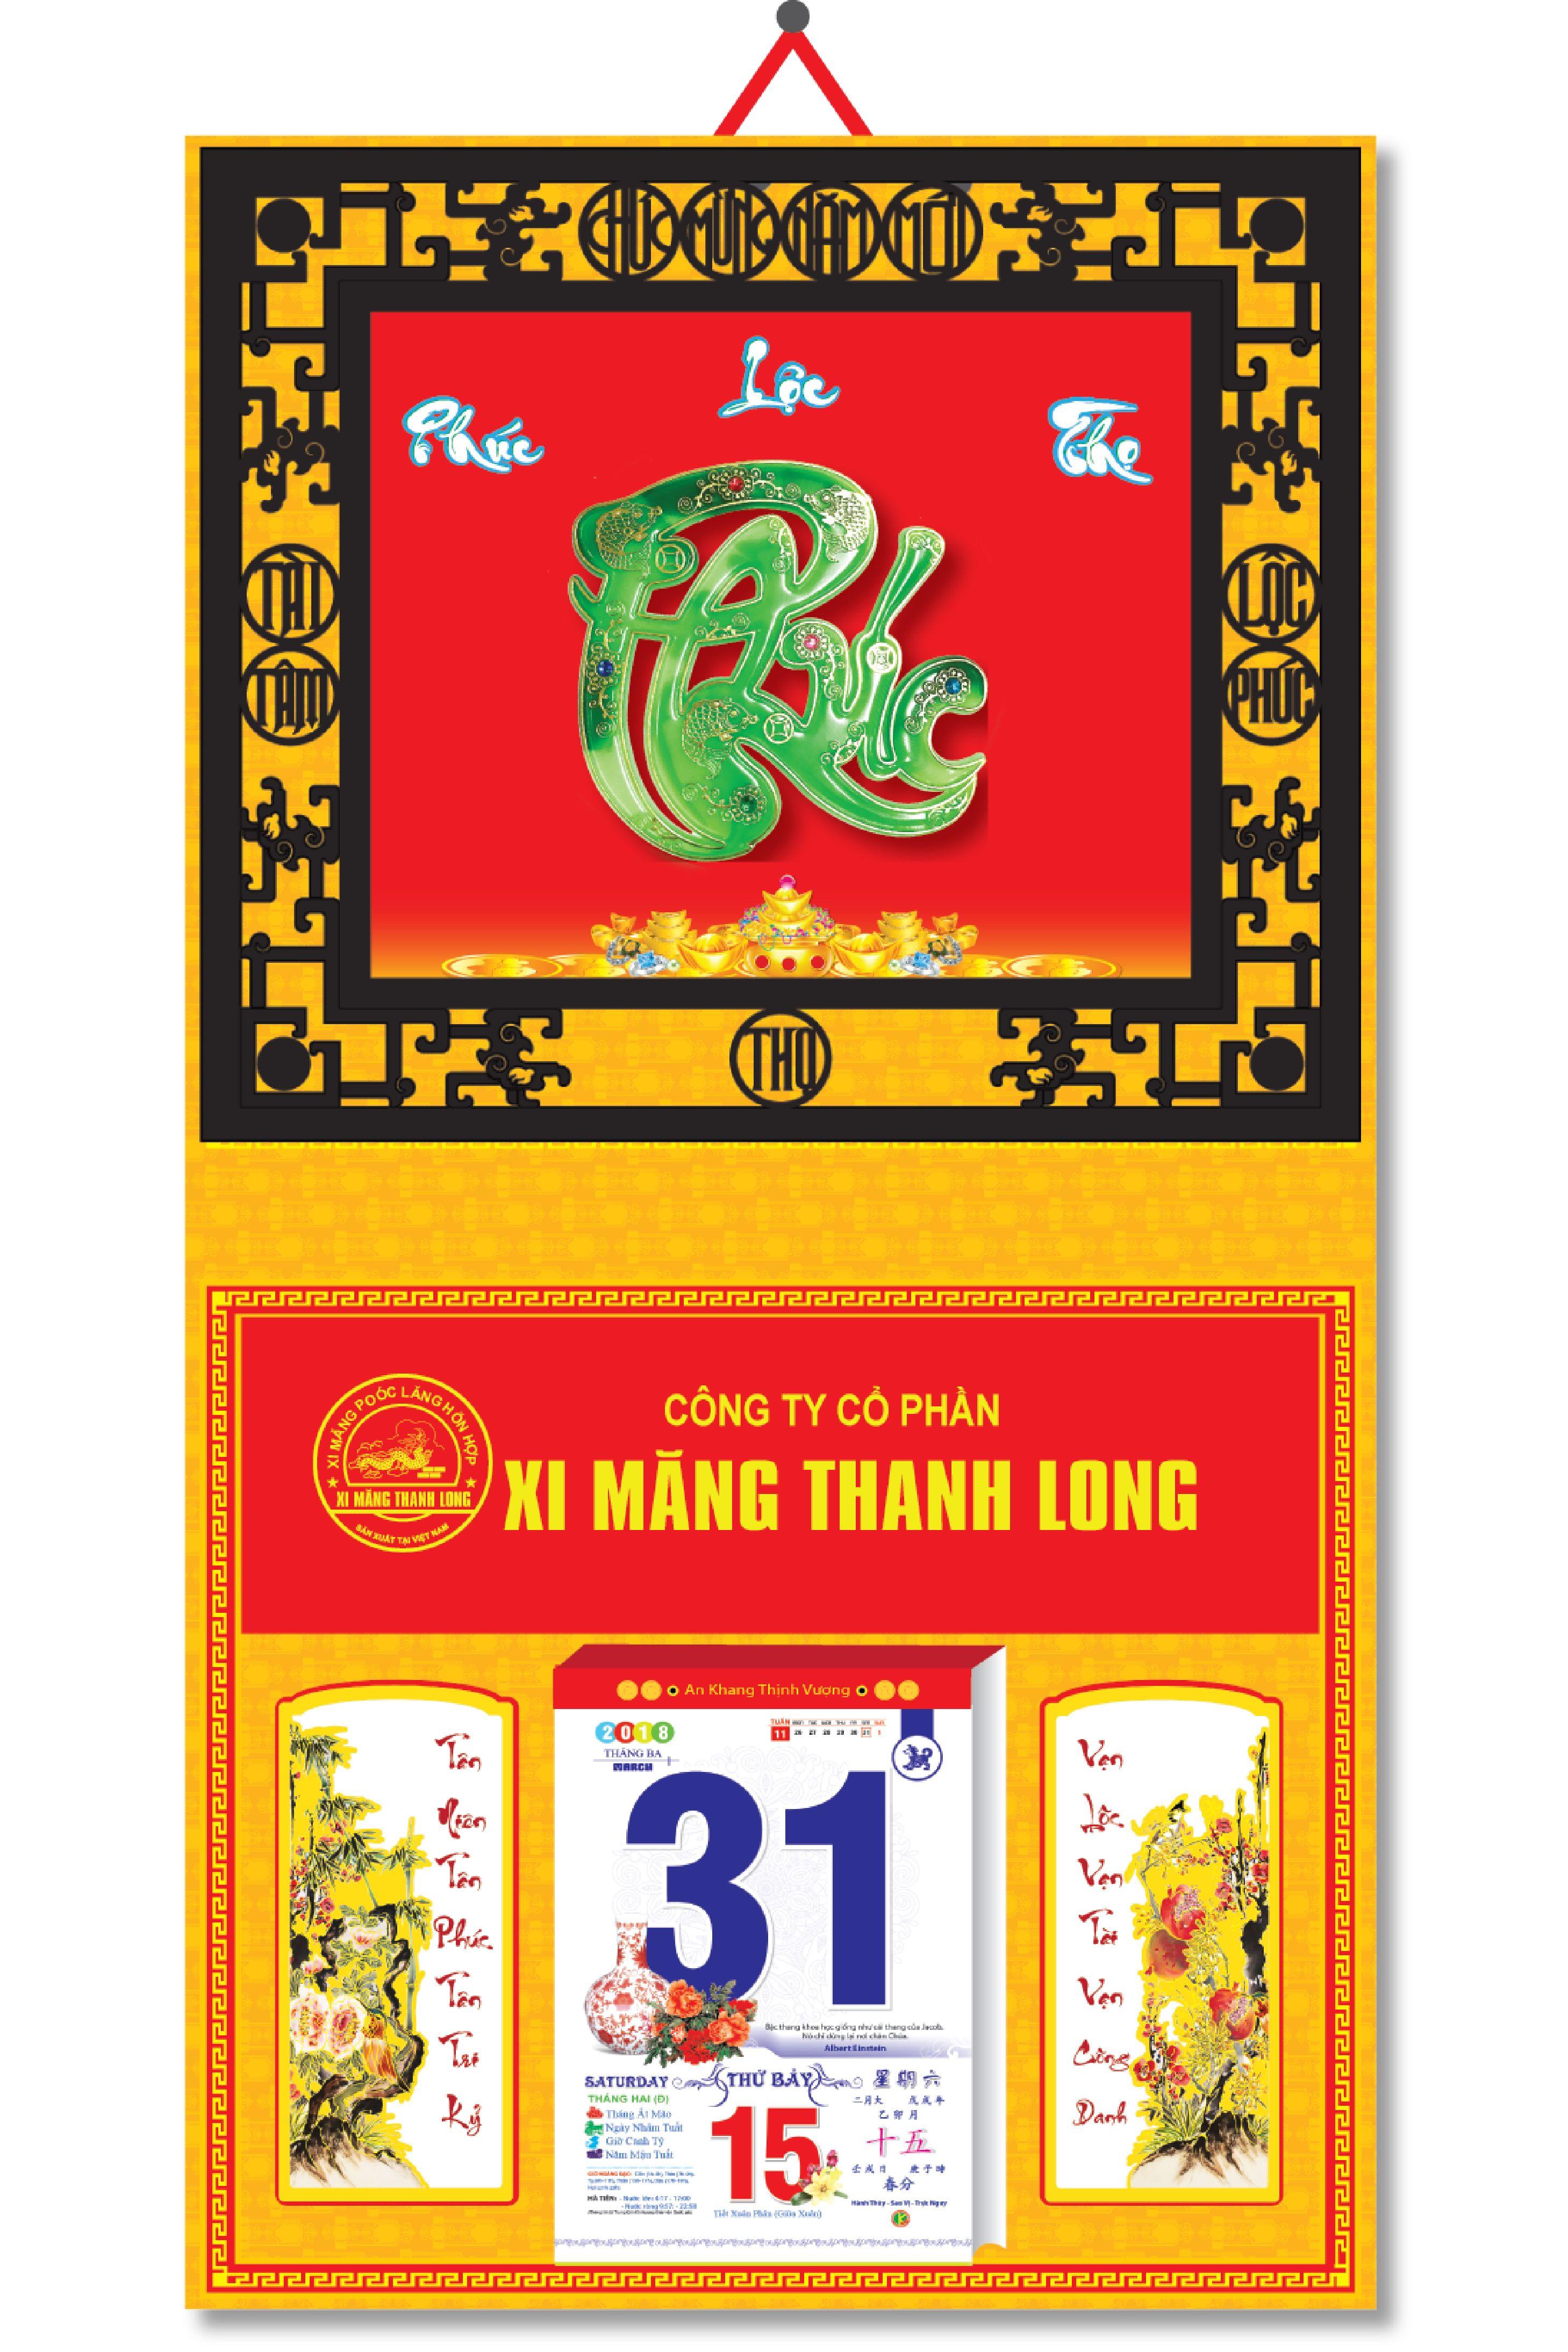 KV103 - Bìa 2018 Metalize Ép Kim Cao Cấp 7 Màu Dán Nổi (40 x 80 cm) - Khung Giả Gỗ, Dán Nổi Chữ Phúc Cẩm Thạch - EBOOK/PDF/PRC/EPUB